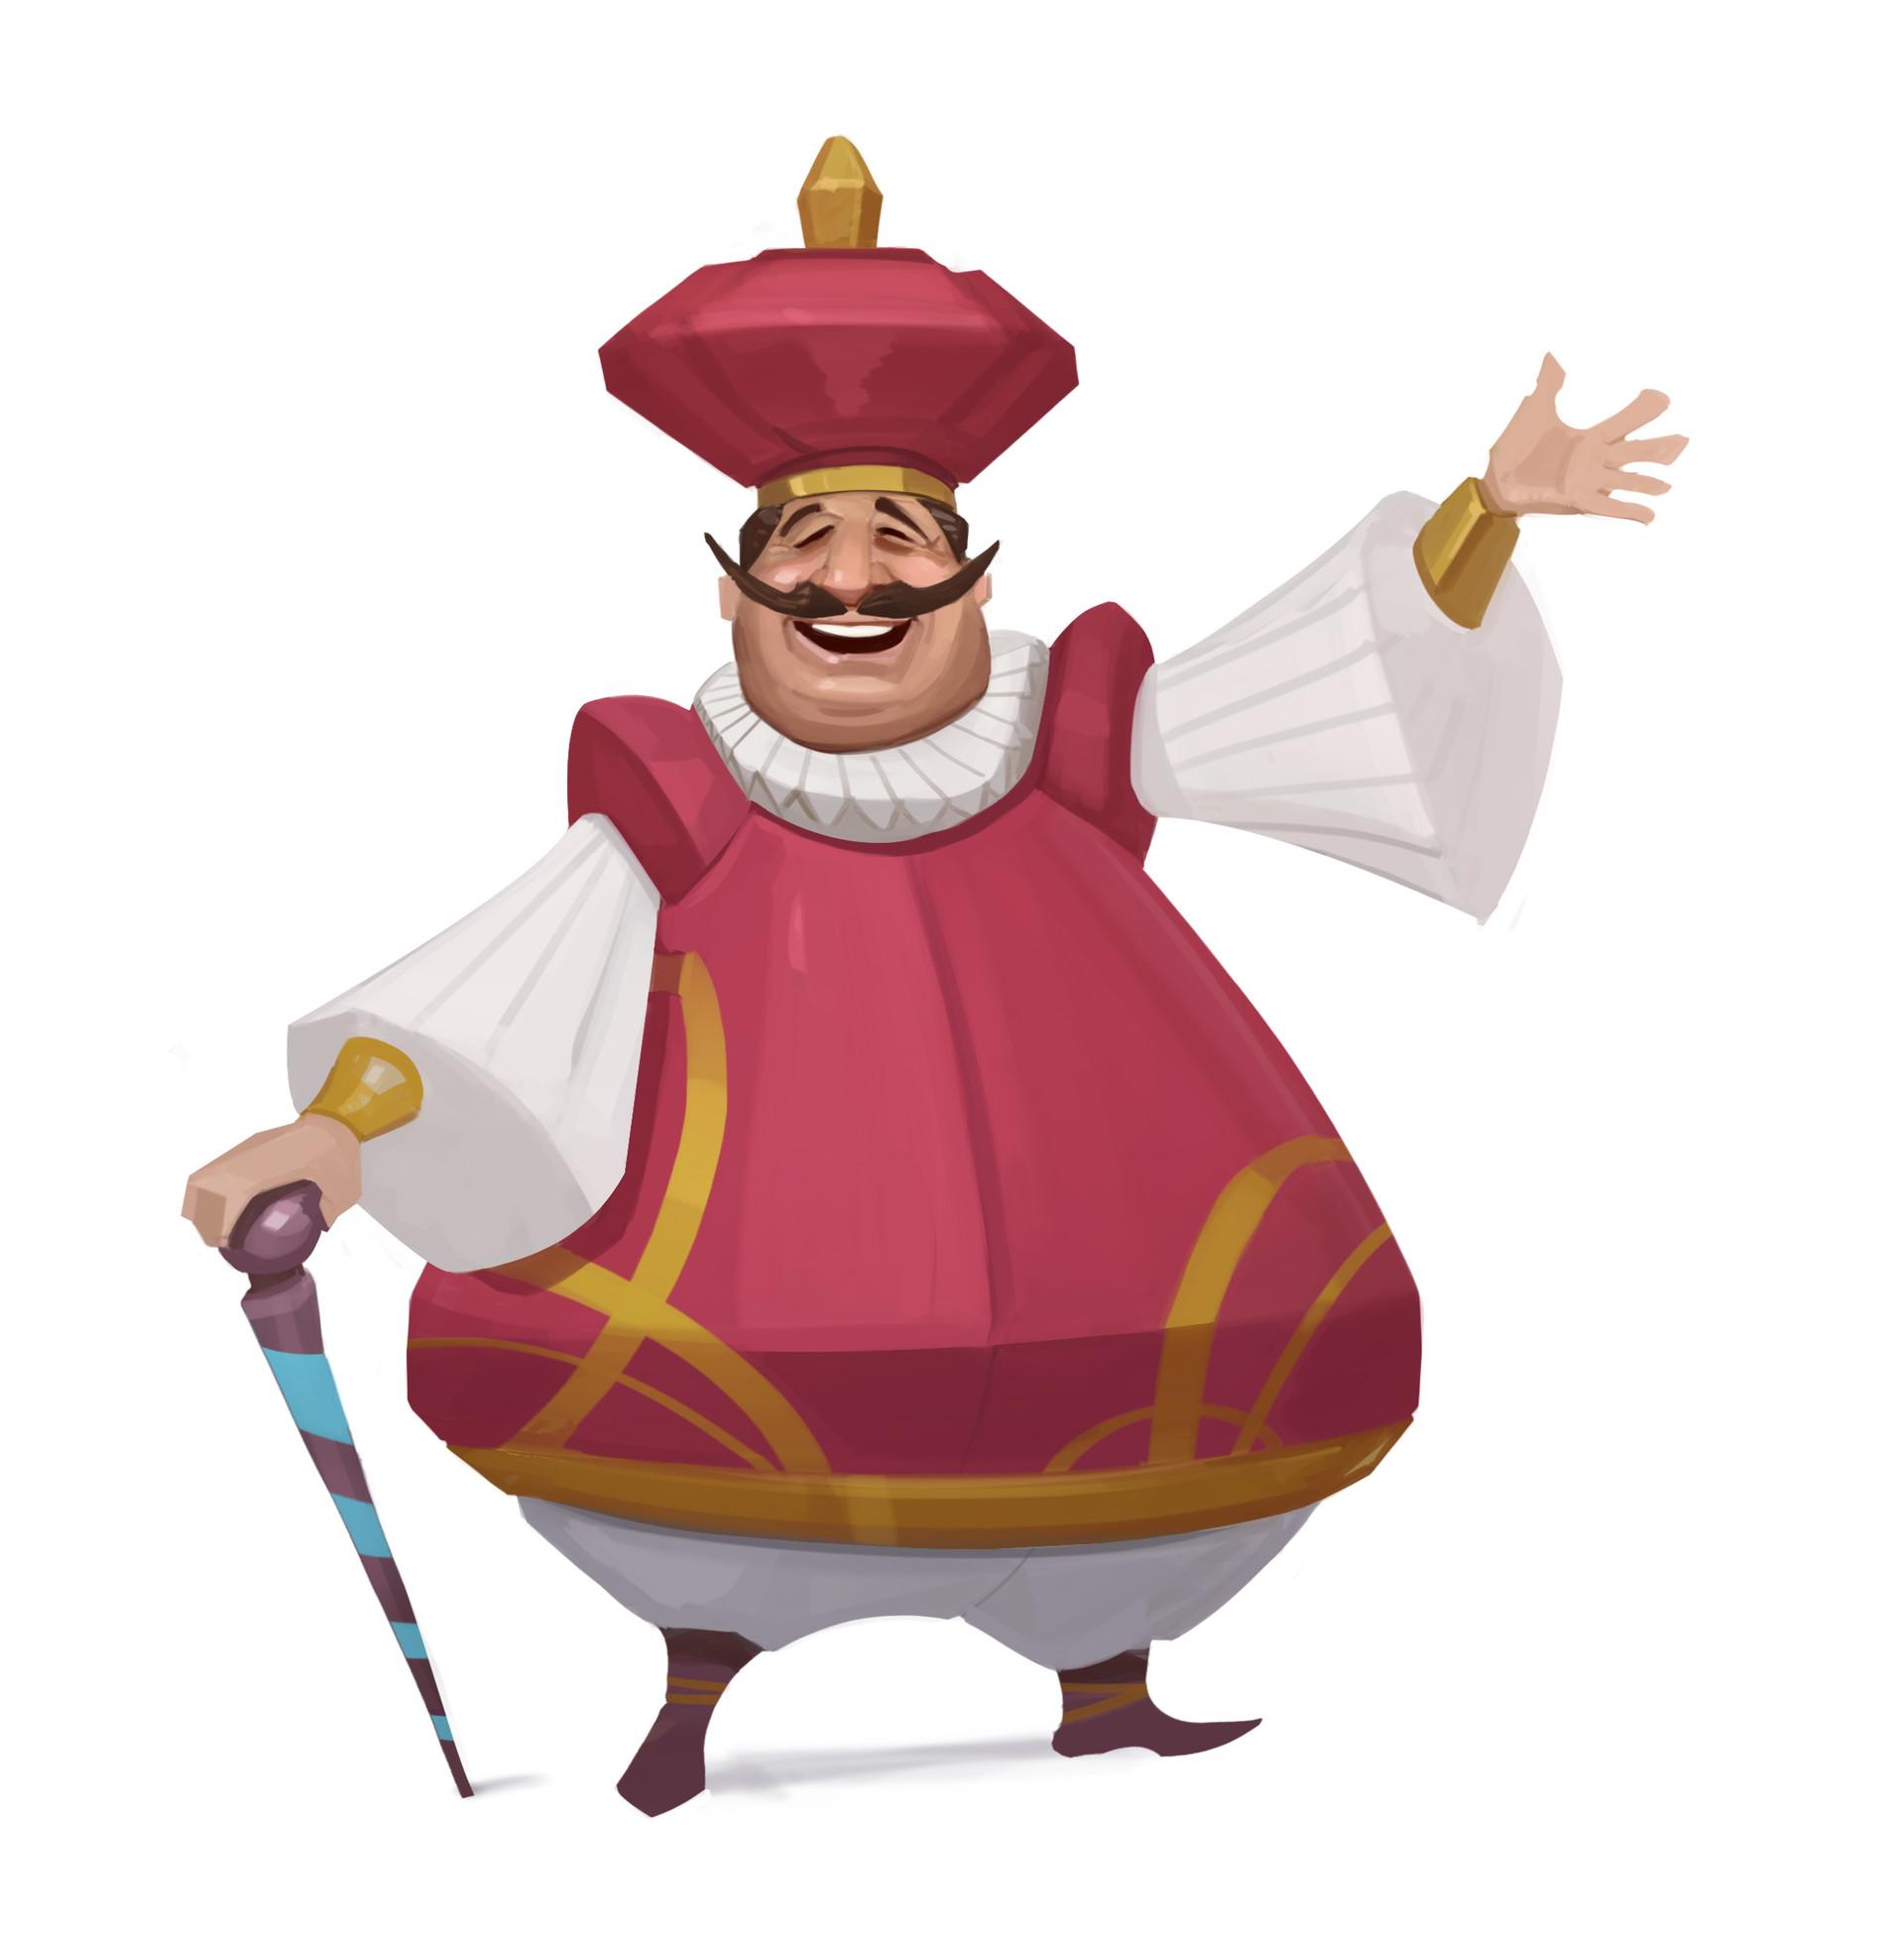 Drakhas oguzalp donduren opera dude